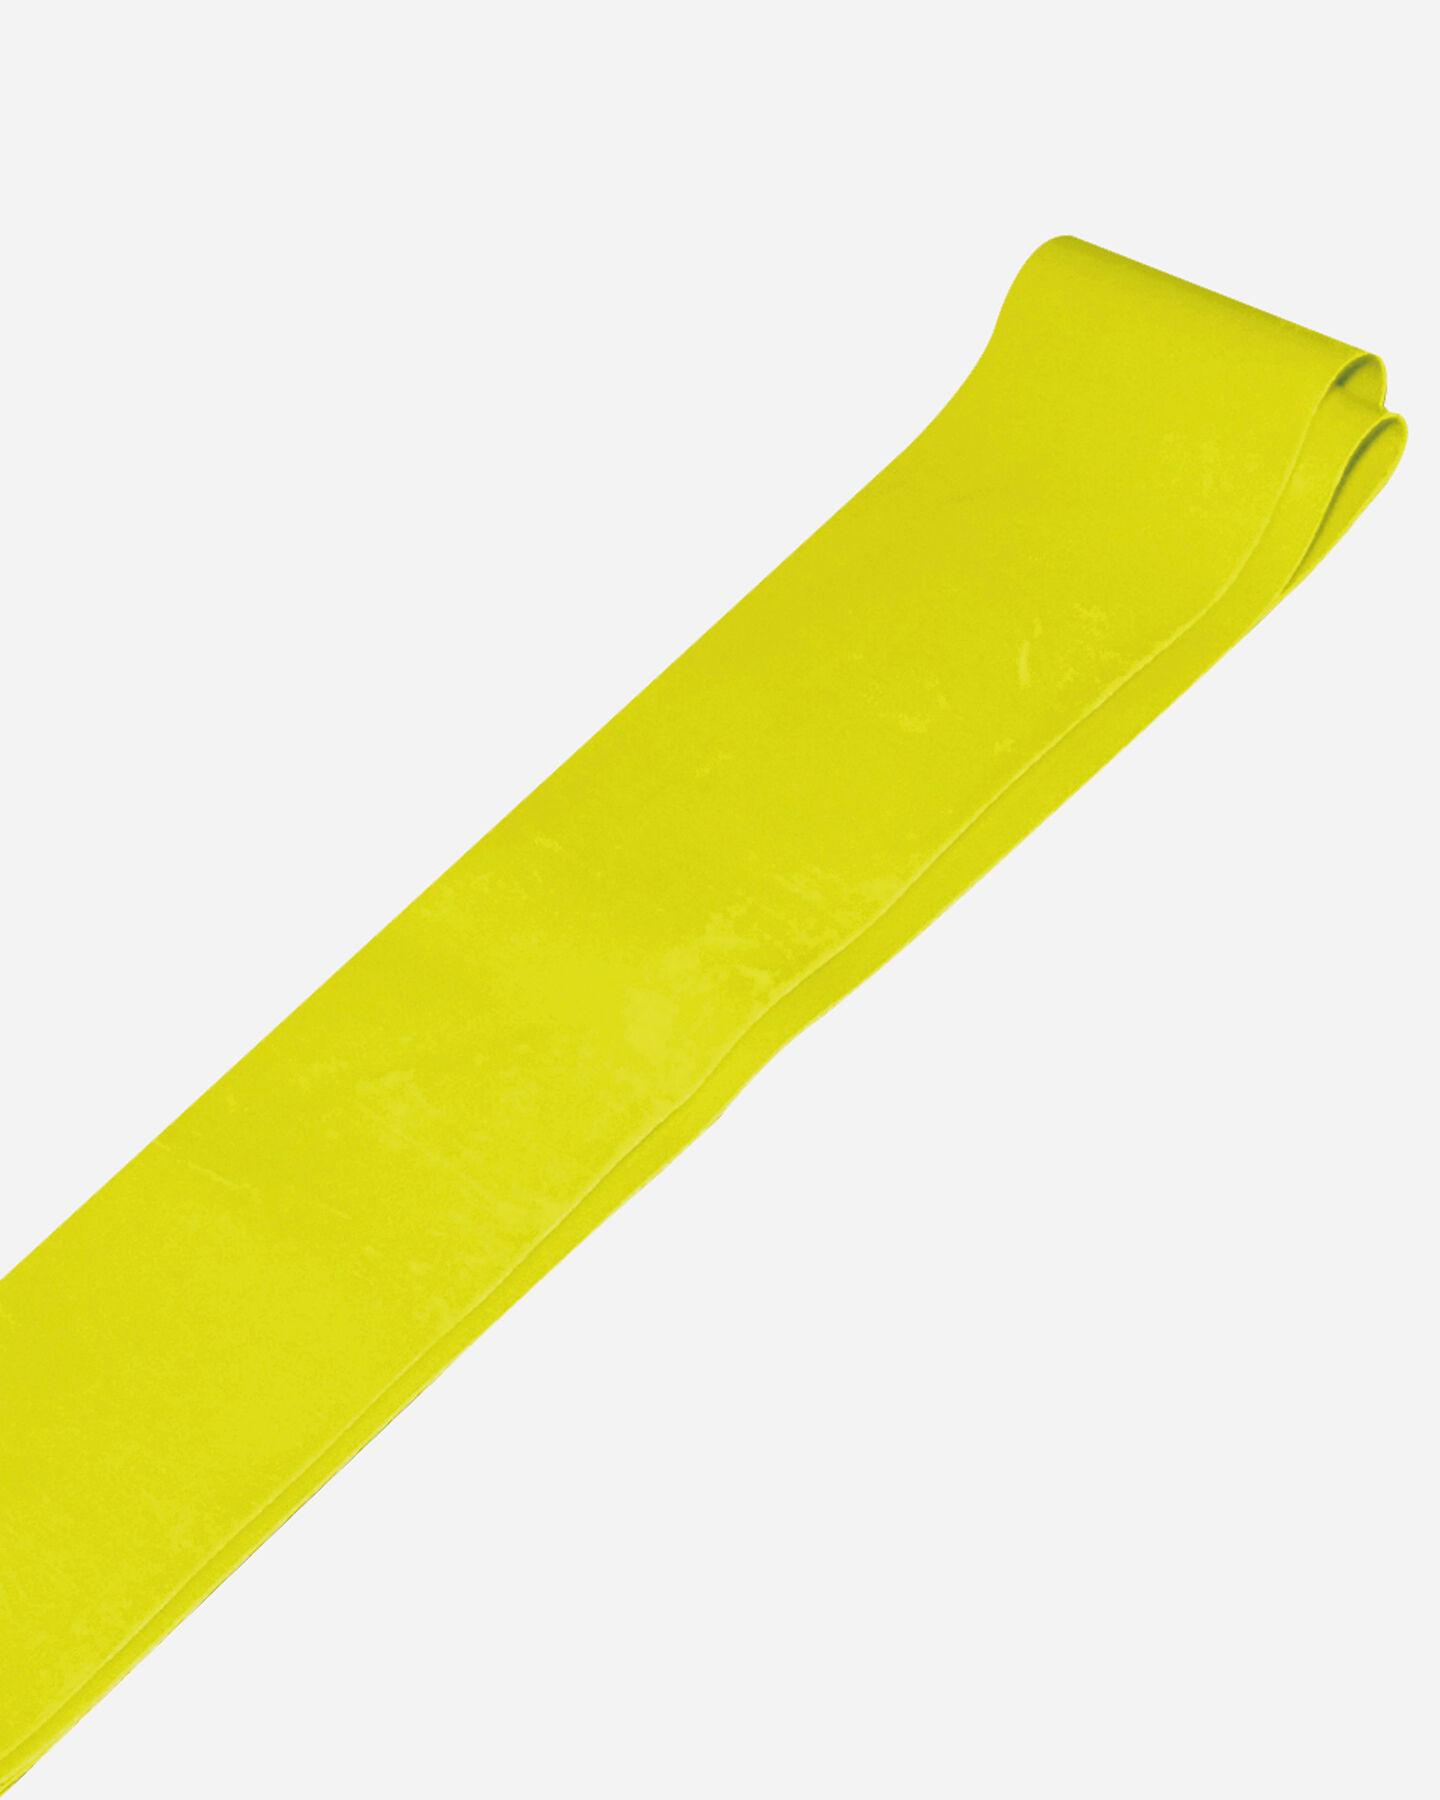 Banda elastica CARNIELLI BANDA ELASTICA ANELLO S1326852 1 UNI scatto 1